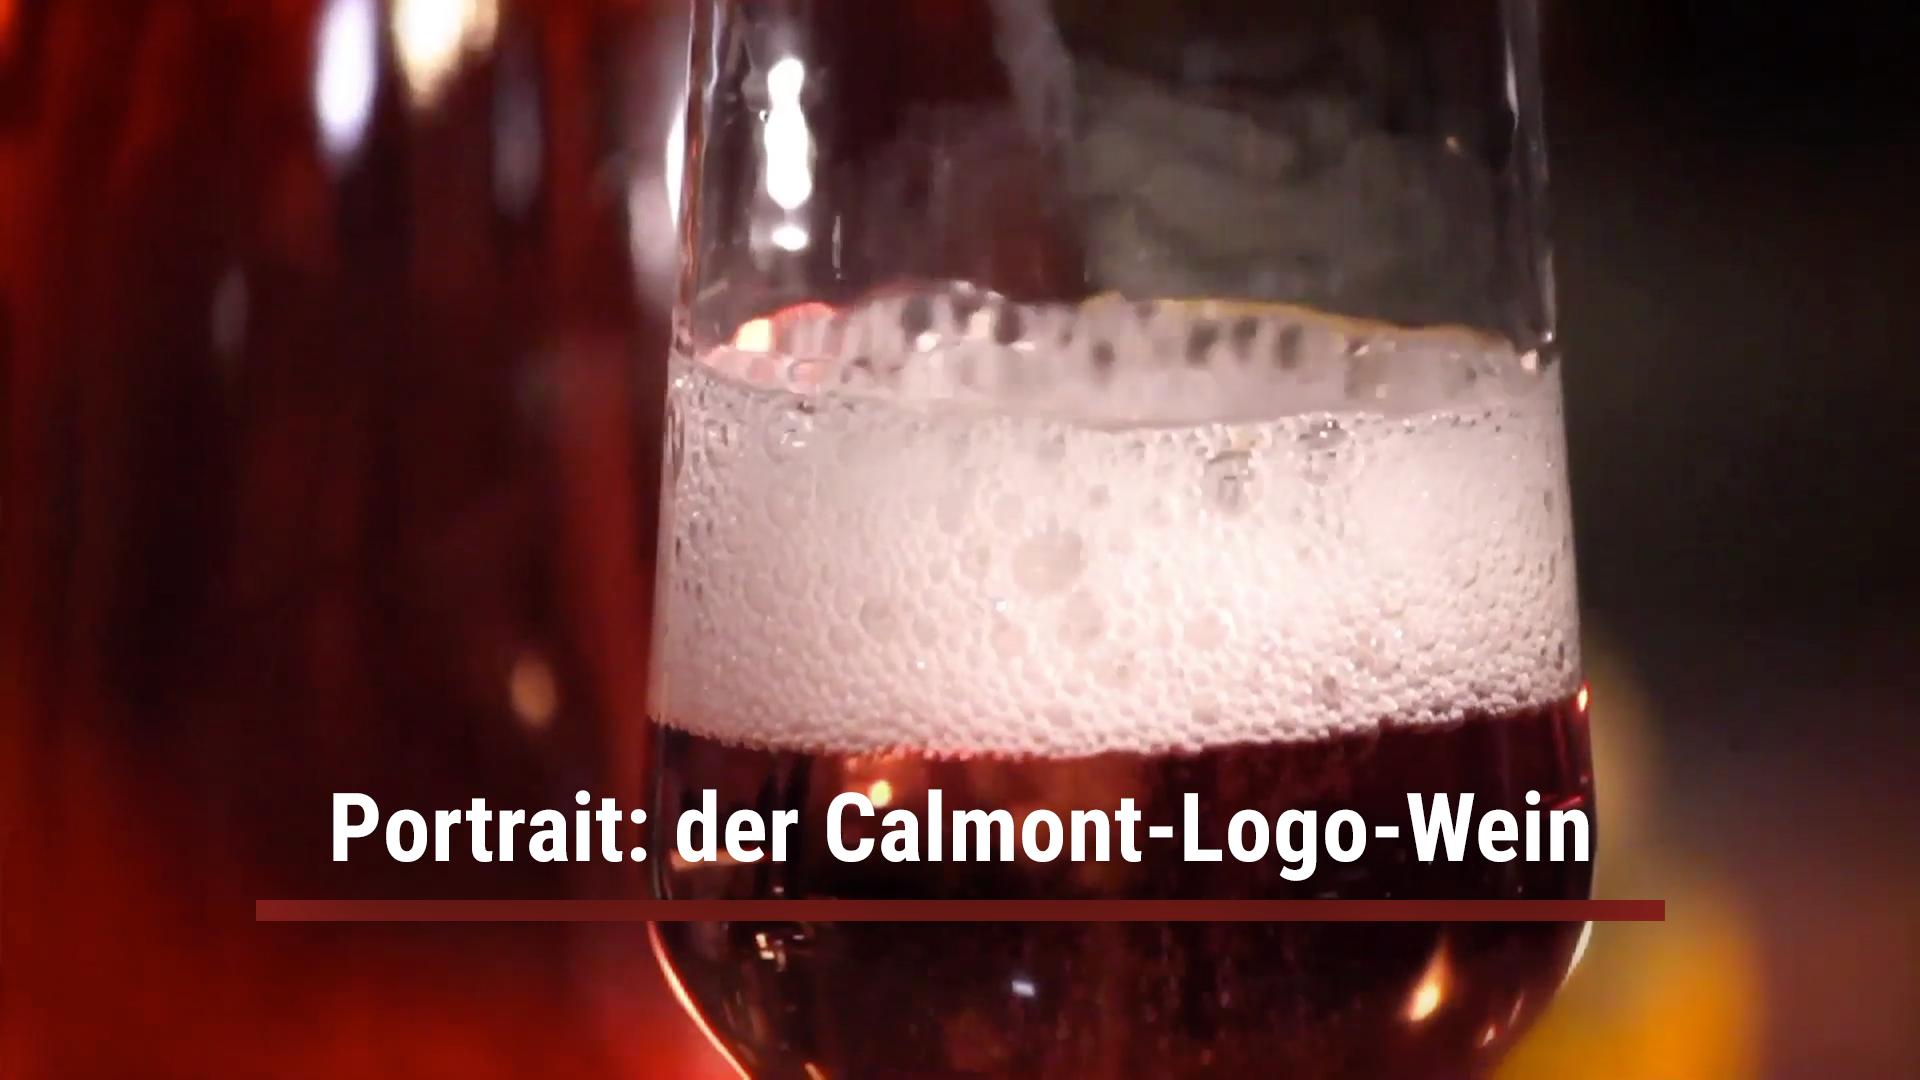 Portrait: der Calmont-Logo-Wein